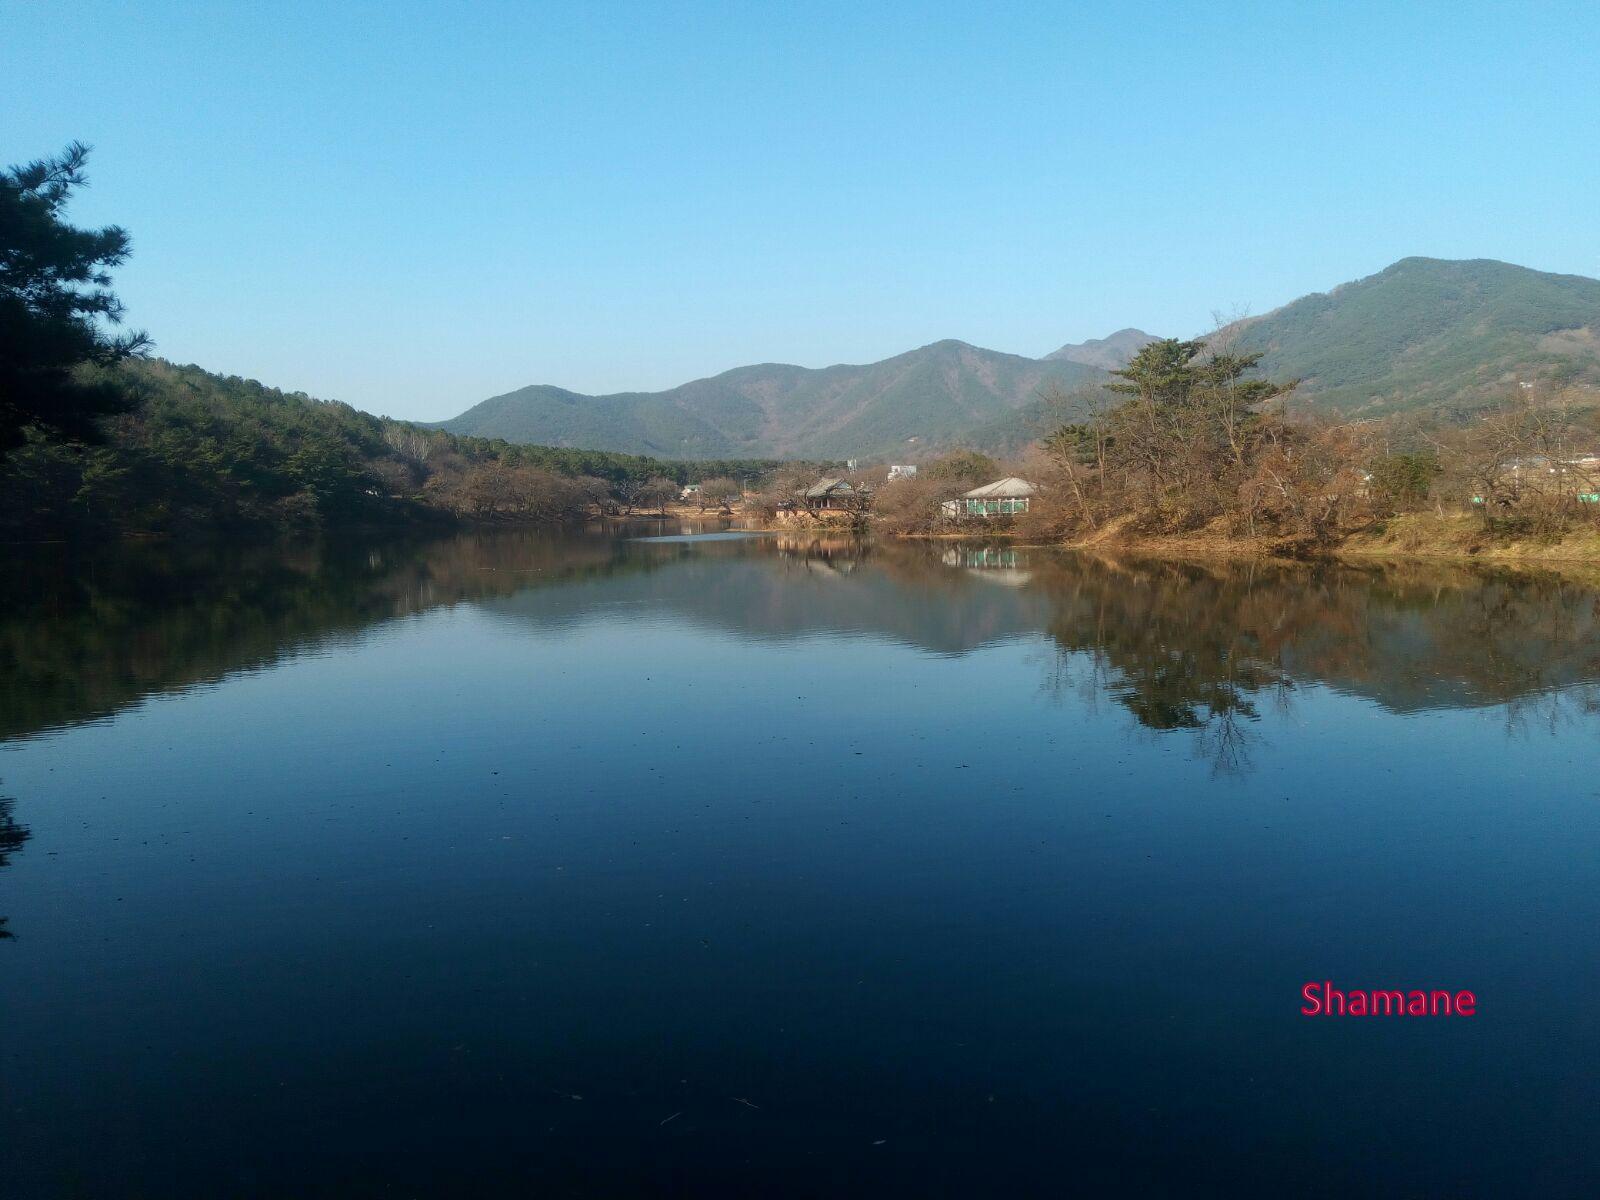 shamanes-wiyangji-pond-2